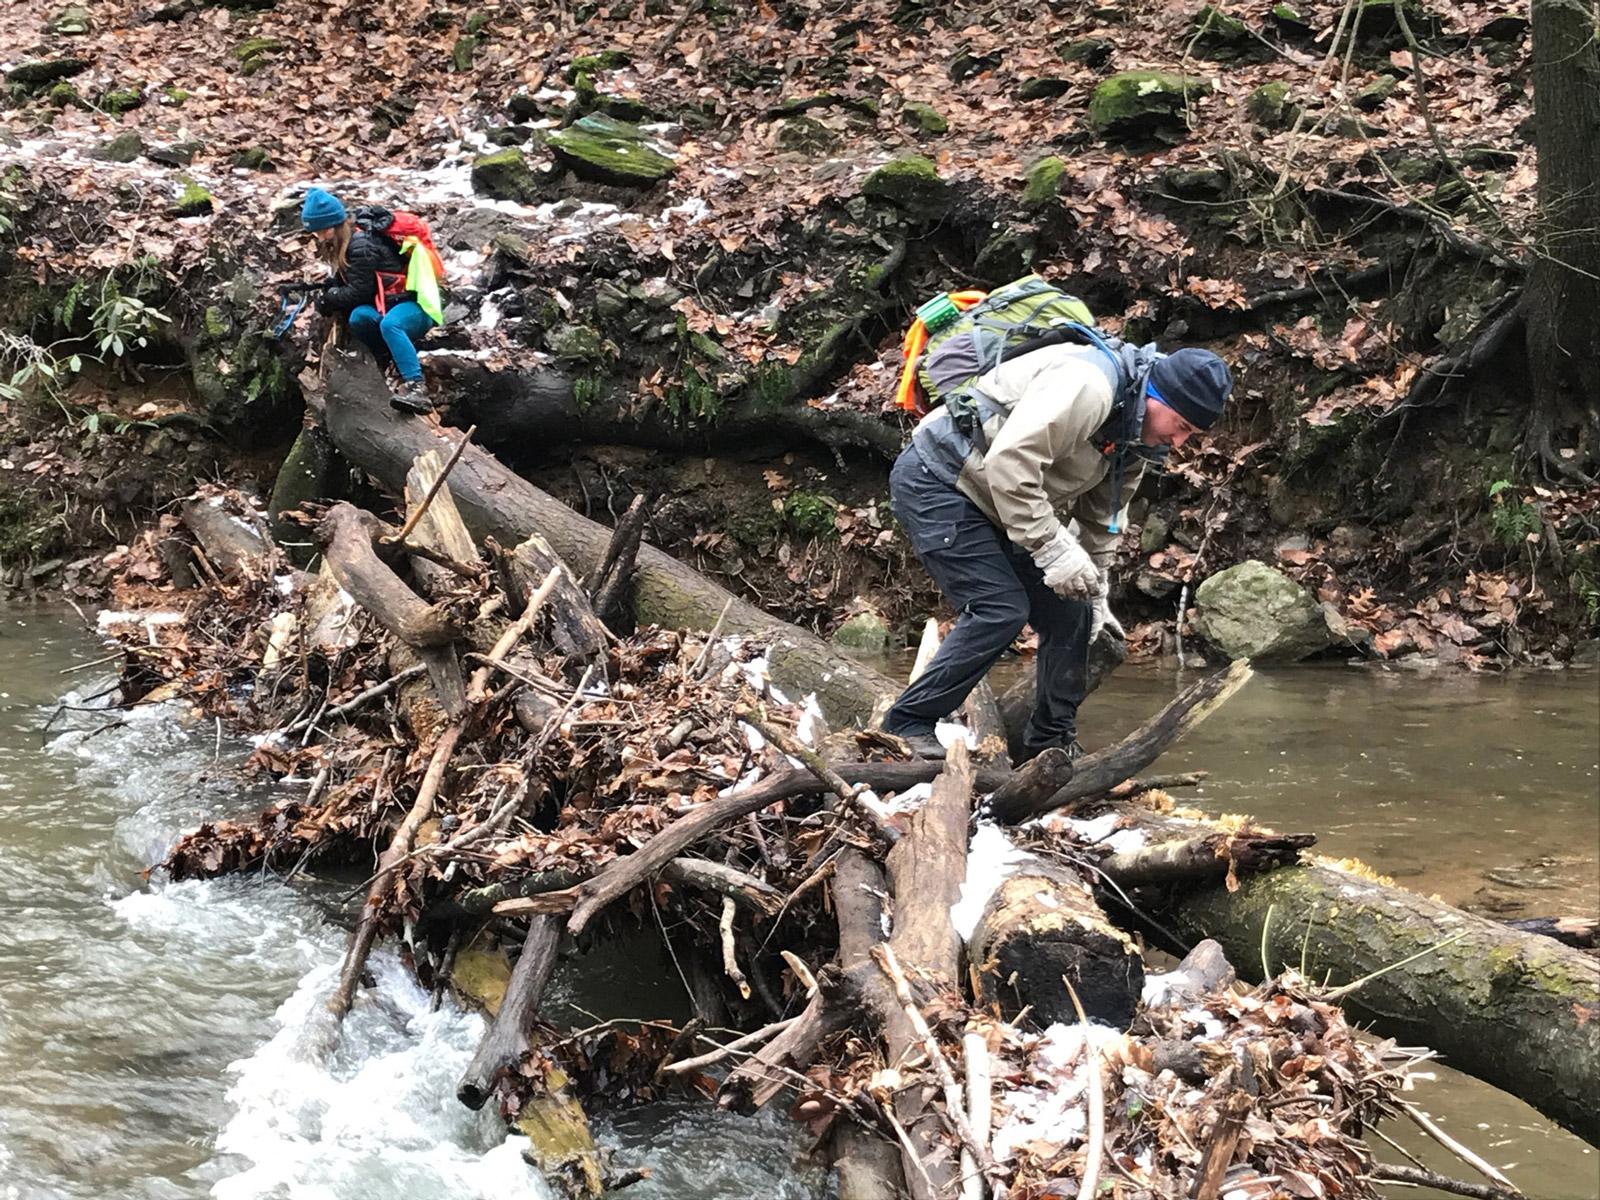 stream crossing on the Conestoga Trail